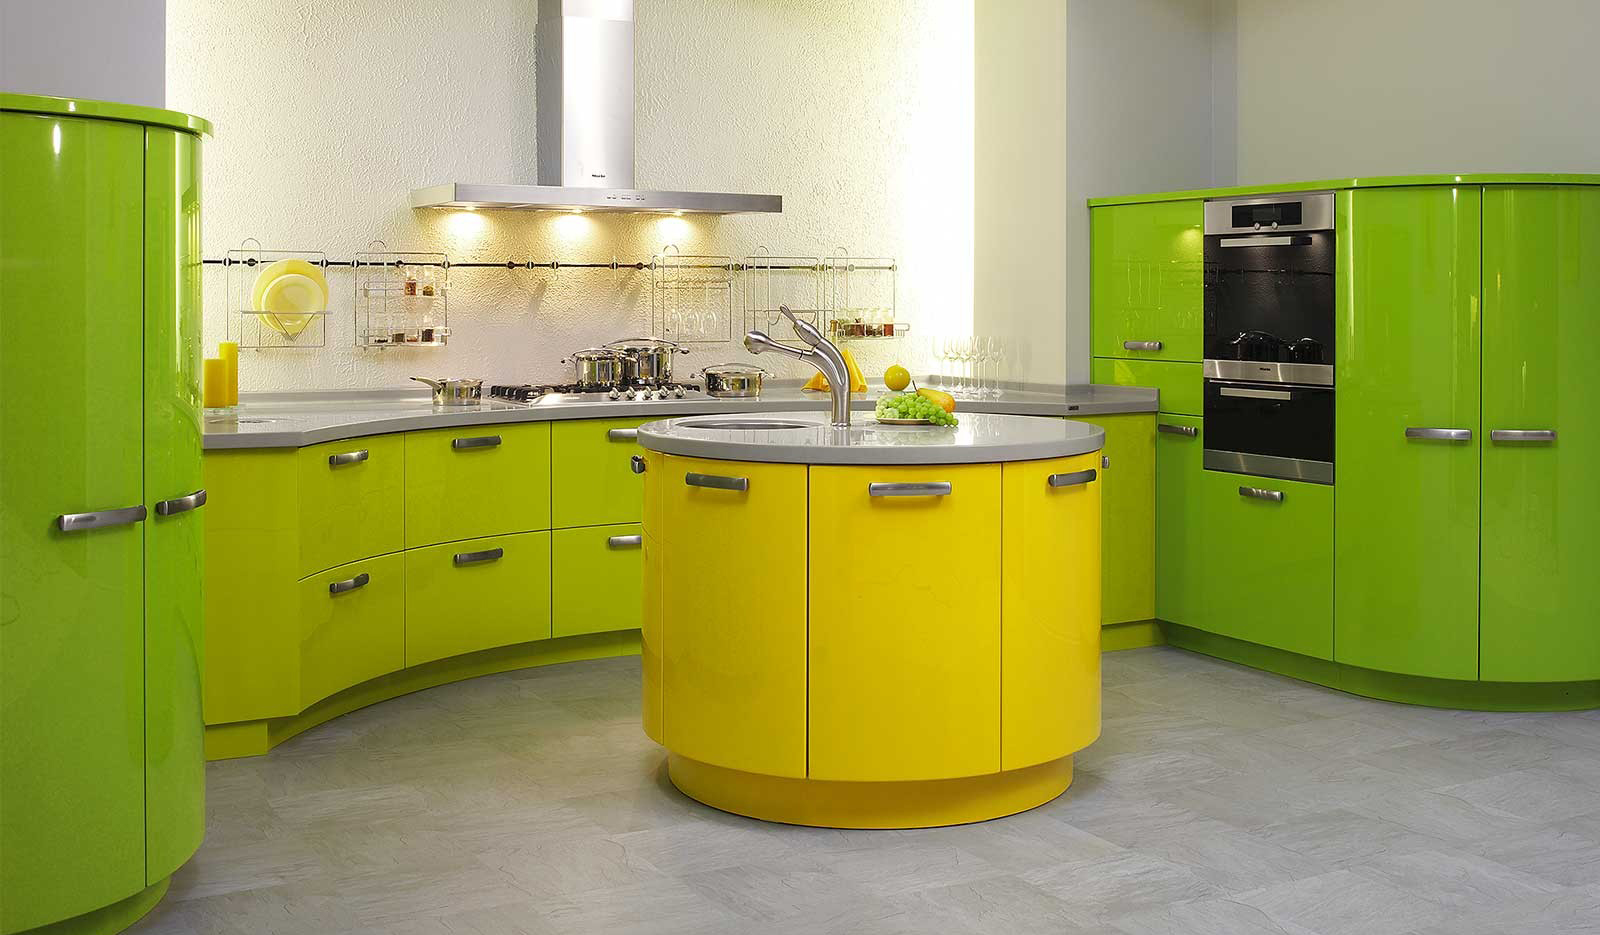 Желто-зеленая кухня с круглым островом